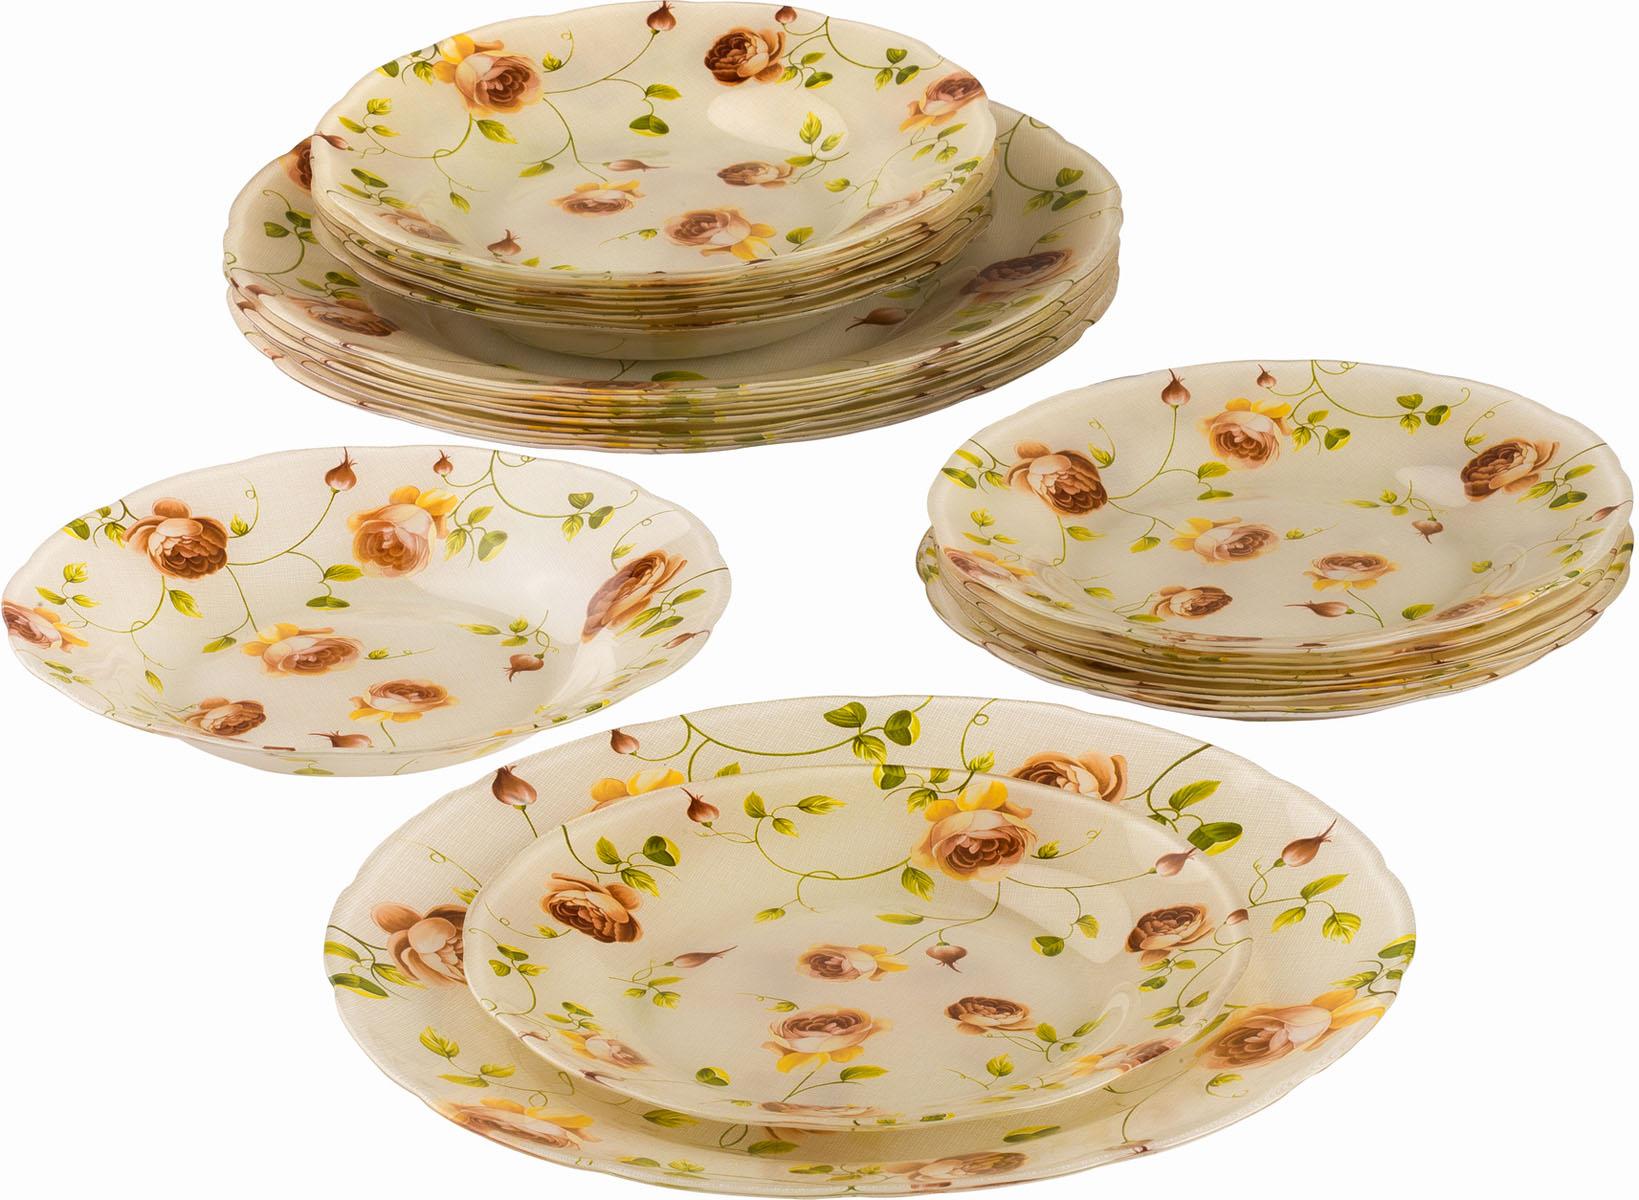 Сервиз обеденный Bekker Koch, 18 предметов. BK-9907BK-9907Обеденный сервиз Bekker Koch, изготовленный из высококачественного стекла, состоит из 6 суповых тарелок, 6 обеденных тарелок и 6 десертных тарелок. Изделия декорированы ярким изображением цветов. Такой сервиз придется по вкусу любителям классики, и тем, кто предпочитает утонченность и изысканность. Набор эффектно украсит стол к обеду, а также прекрасно подойдет для торжественных случаев. Не рекомендуется мыть в посудомоечной машине.